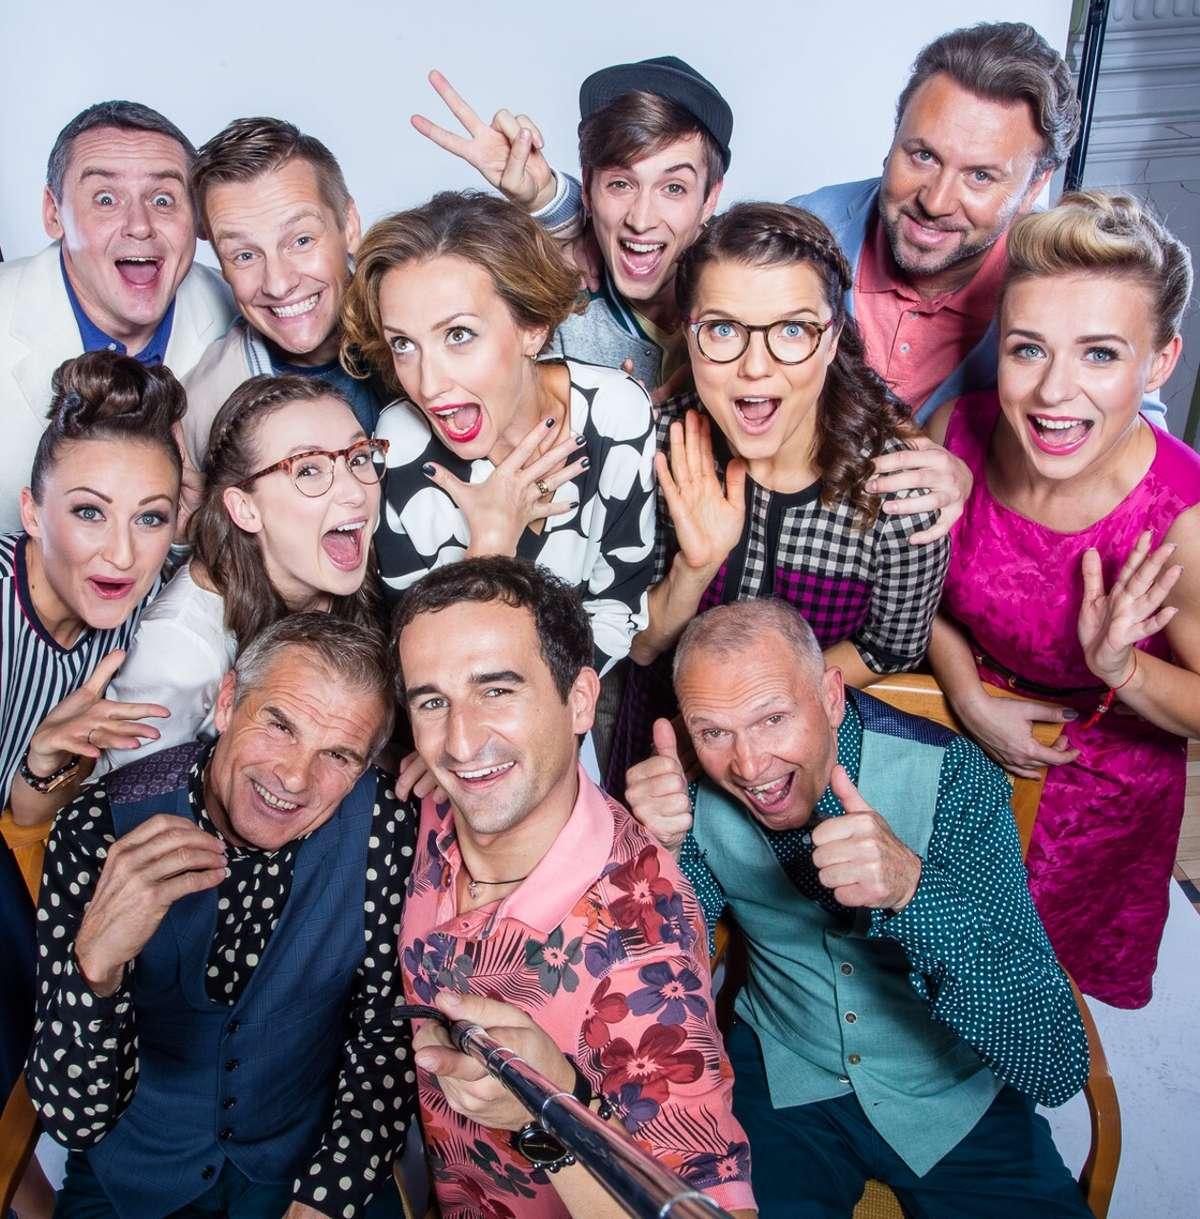 Mayday 2. Światowy hit w Olsztynie! - full image